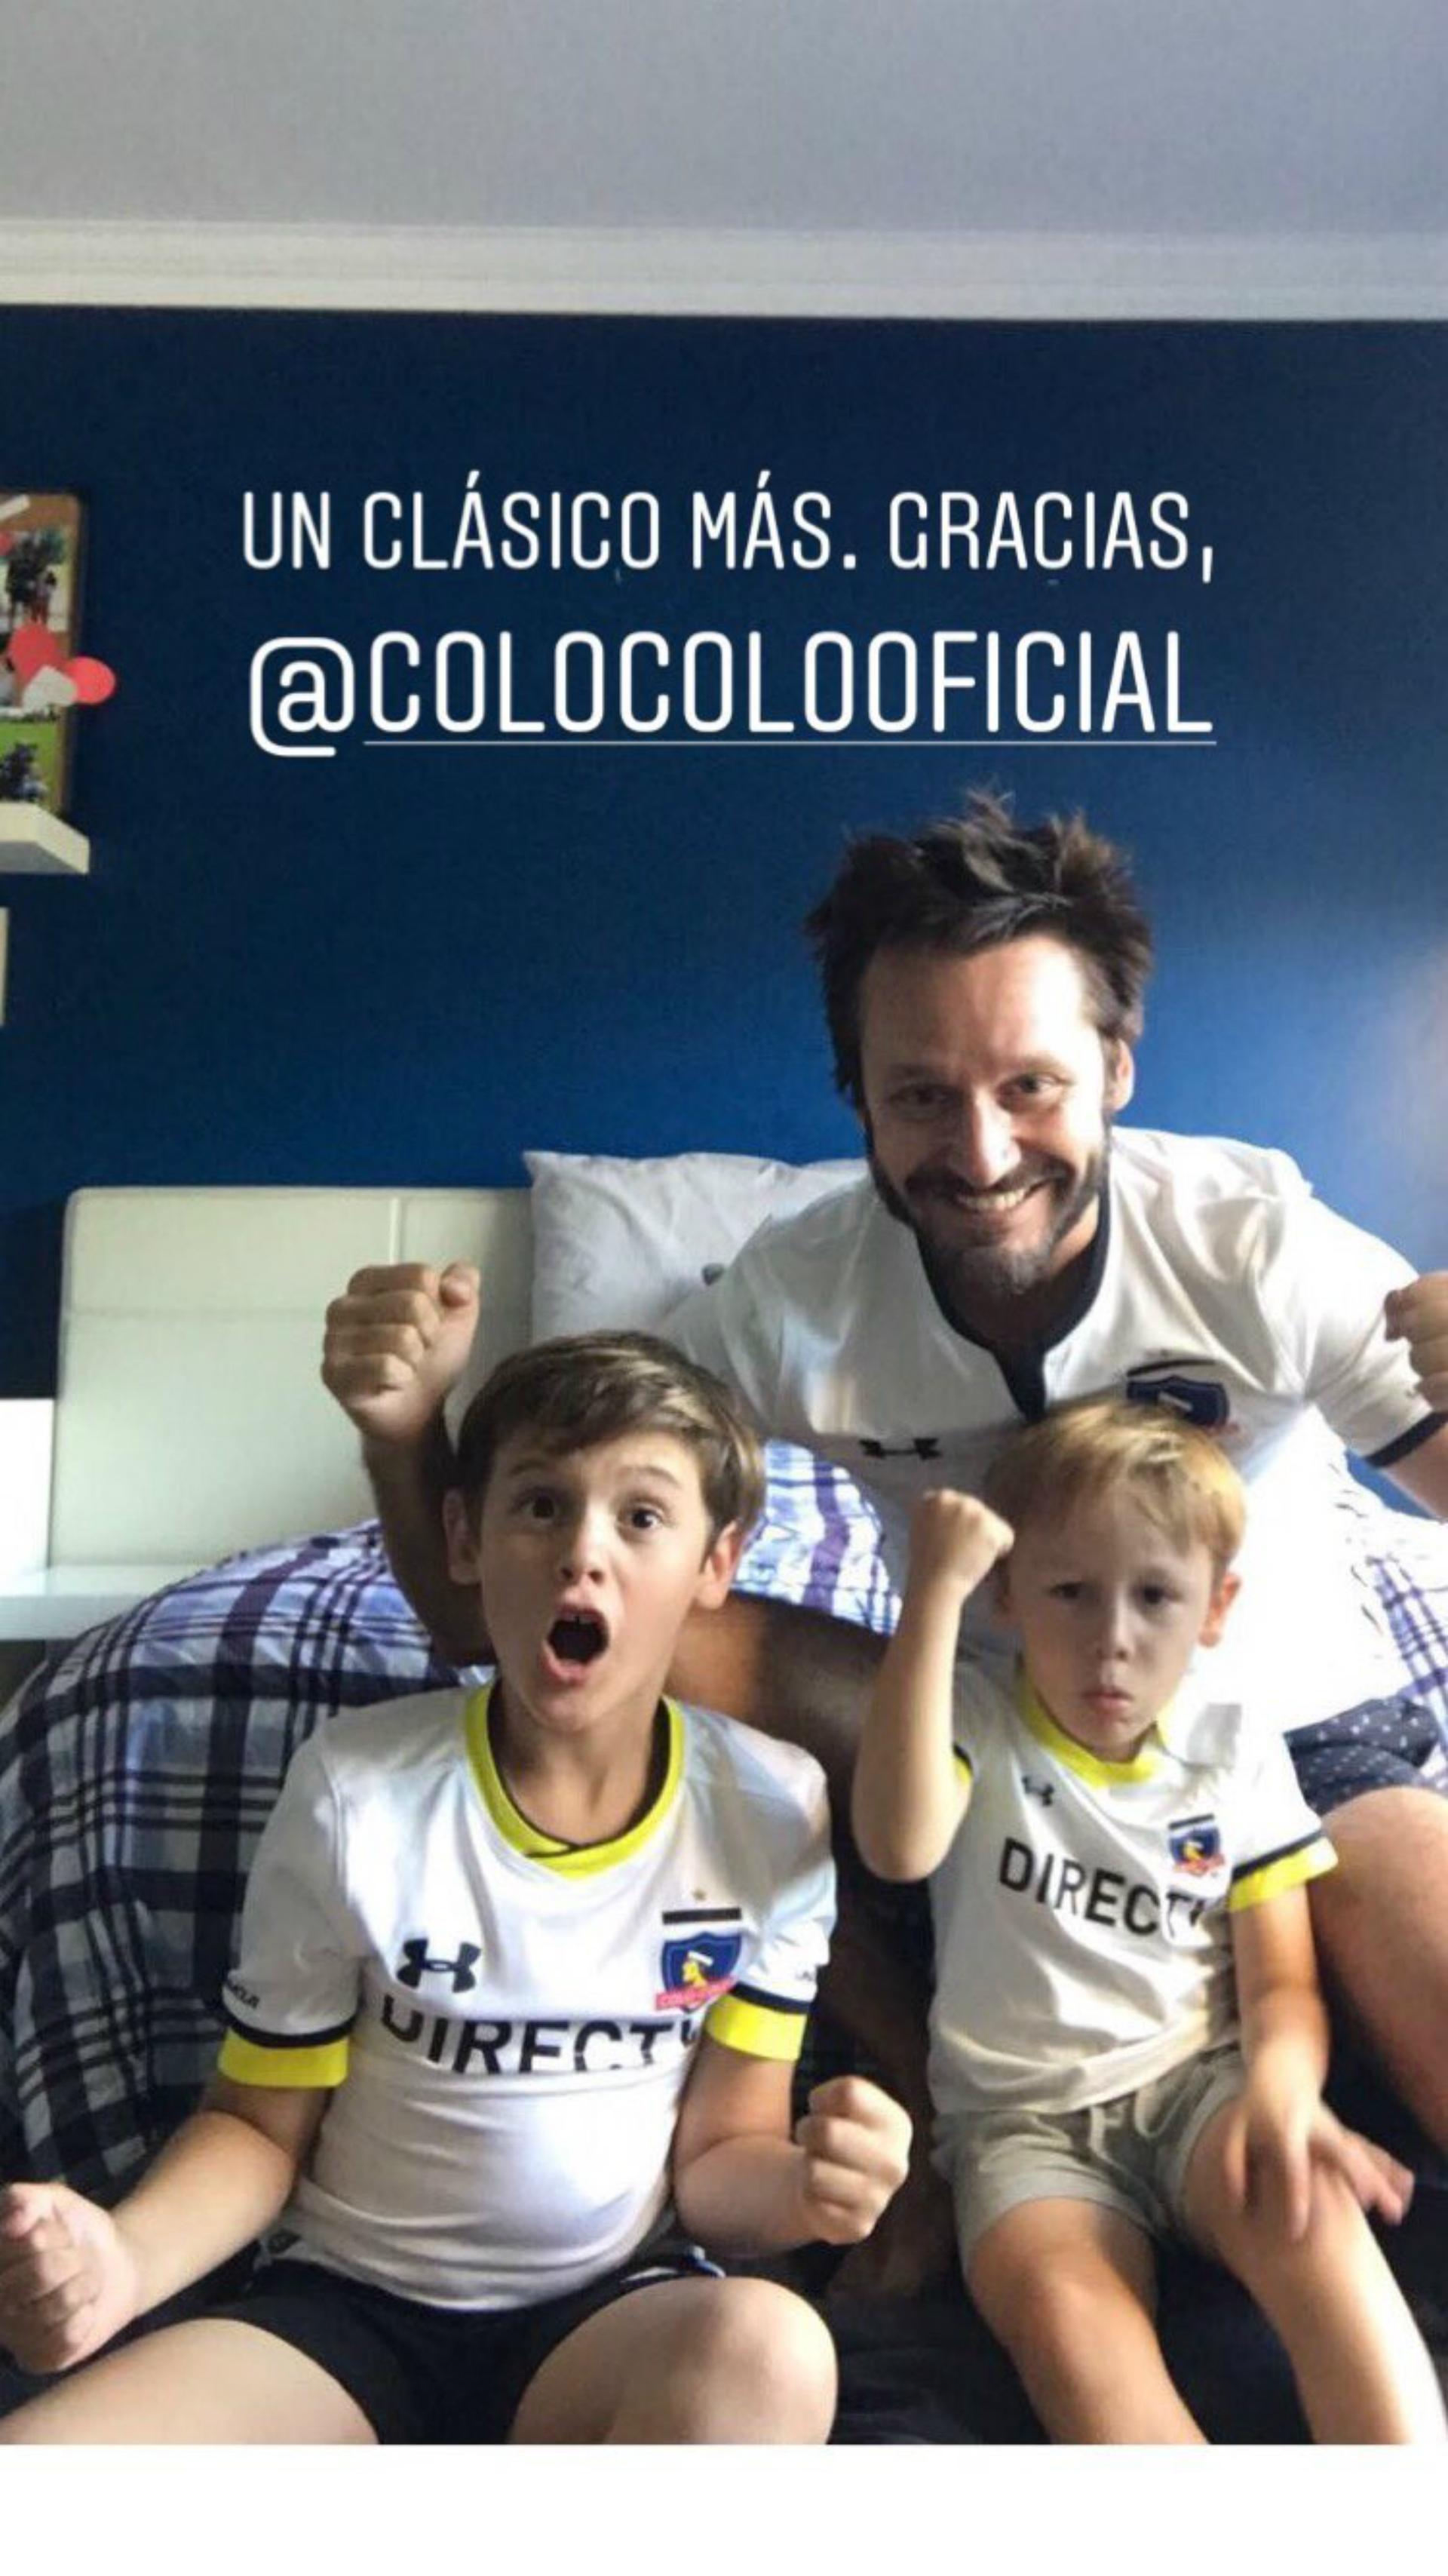 Benjamín y sus hijos festejan el triunfo. (Foto Instagram)